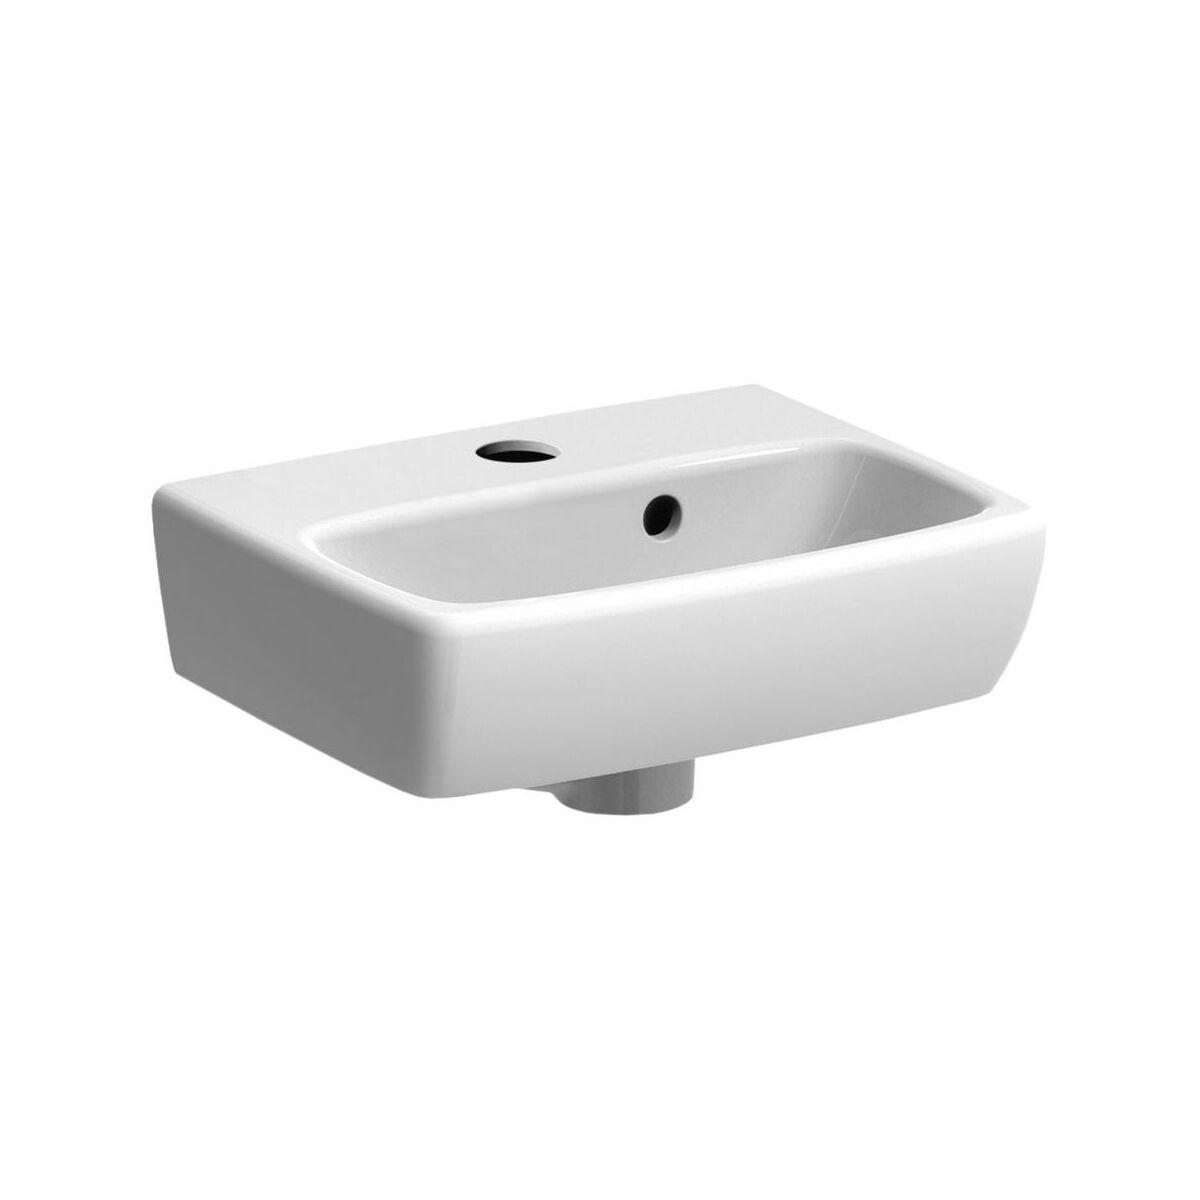 Umywalka Toaletowa 36 Koło Nova Pro Umywalki W Atrakcyjnej Cenie